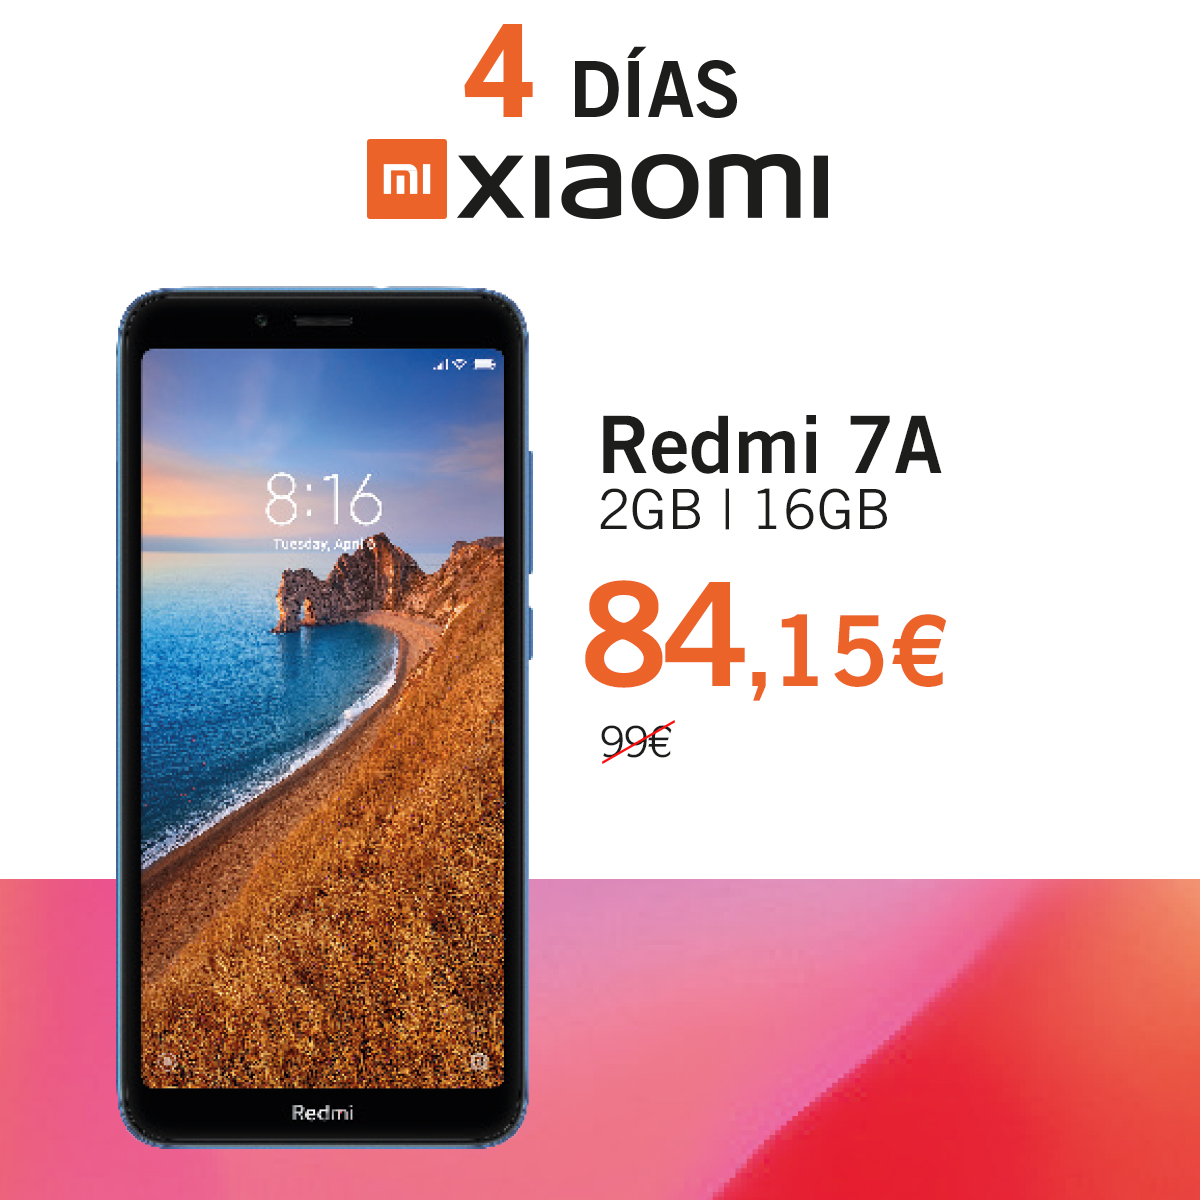 Redmi 7a Dias Xiaomi